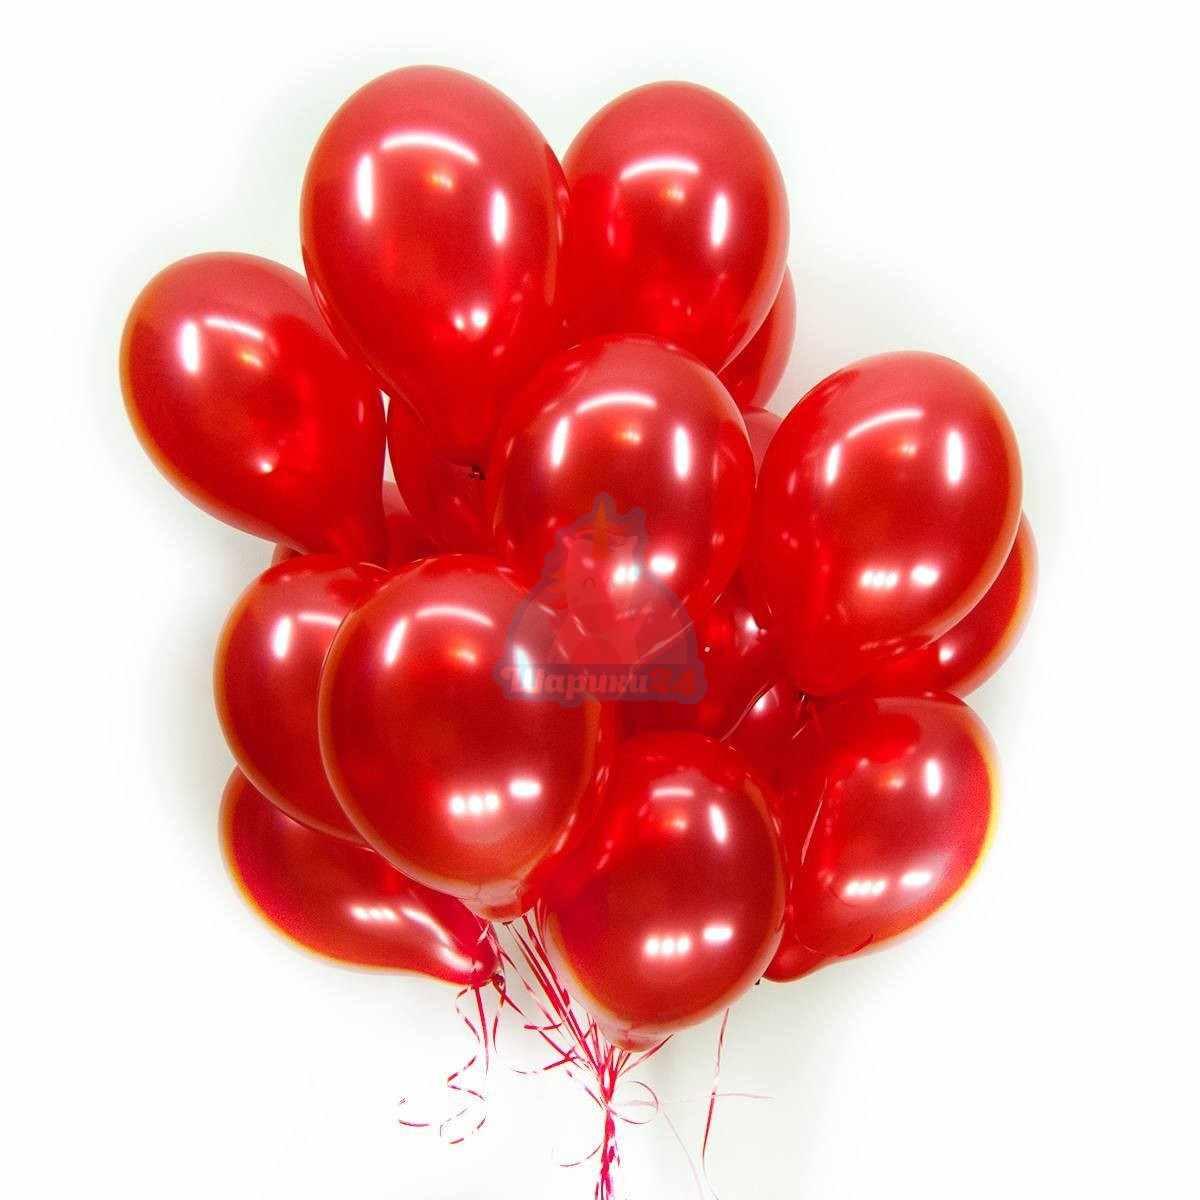 Красные шары фото в интернет-магазине Шарики 24